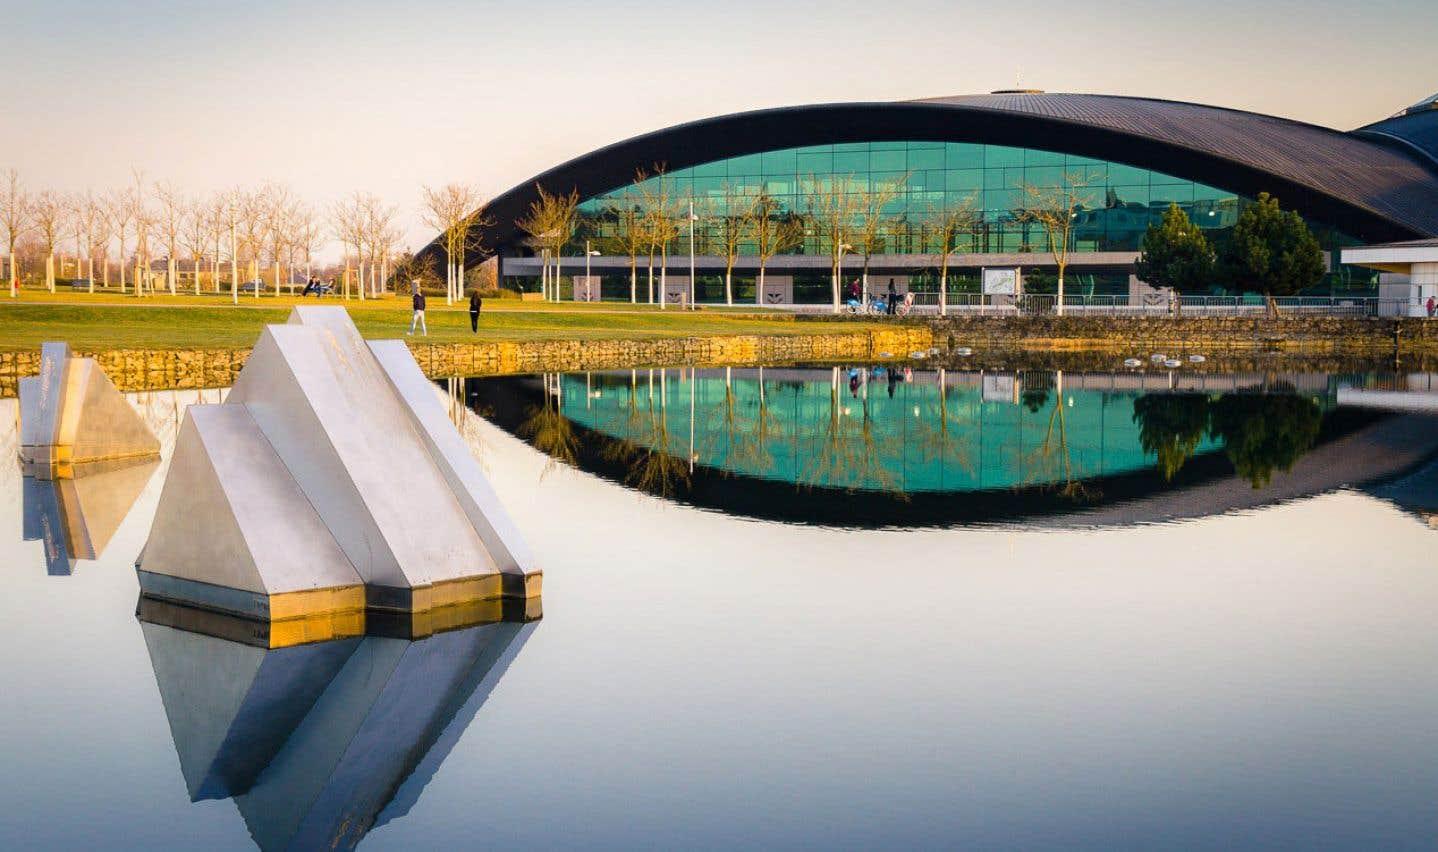 Pour ce centre conçu à la fin des années 1990 au Luxembourg, Roger Taillibert se serait librement inspiré de ses travaux sur les installations olympiques de Montréal, qui se poursuivaient au même moment.